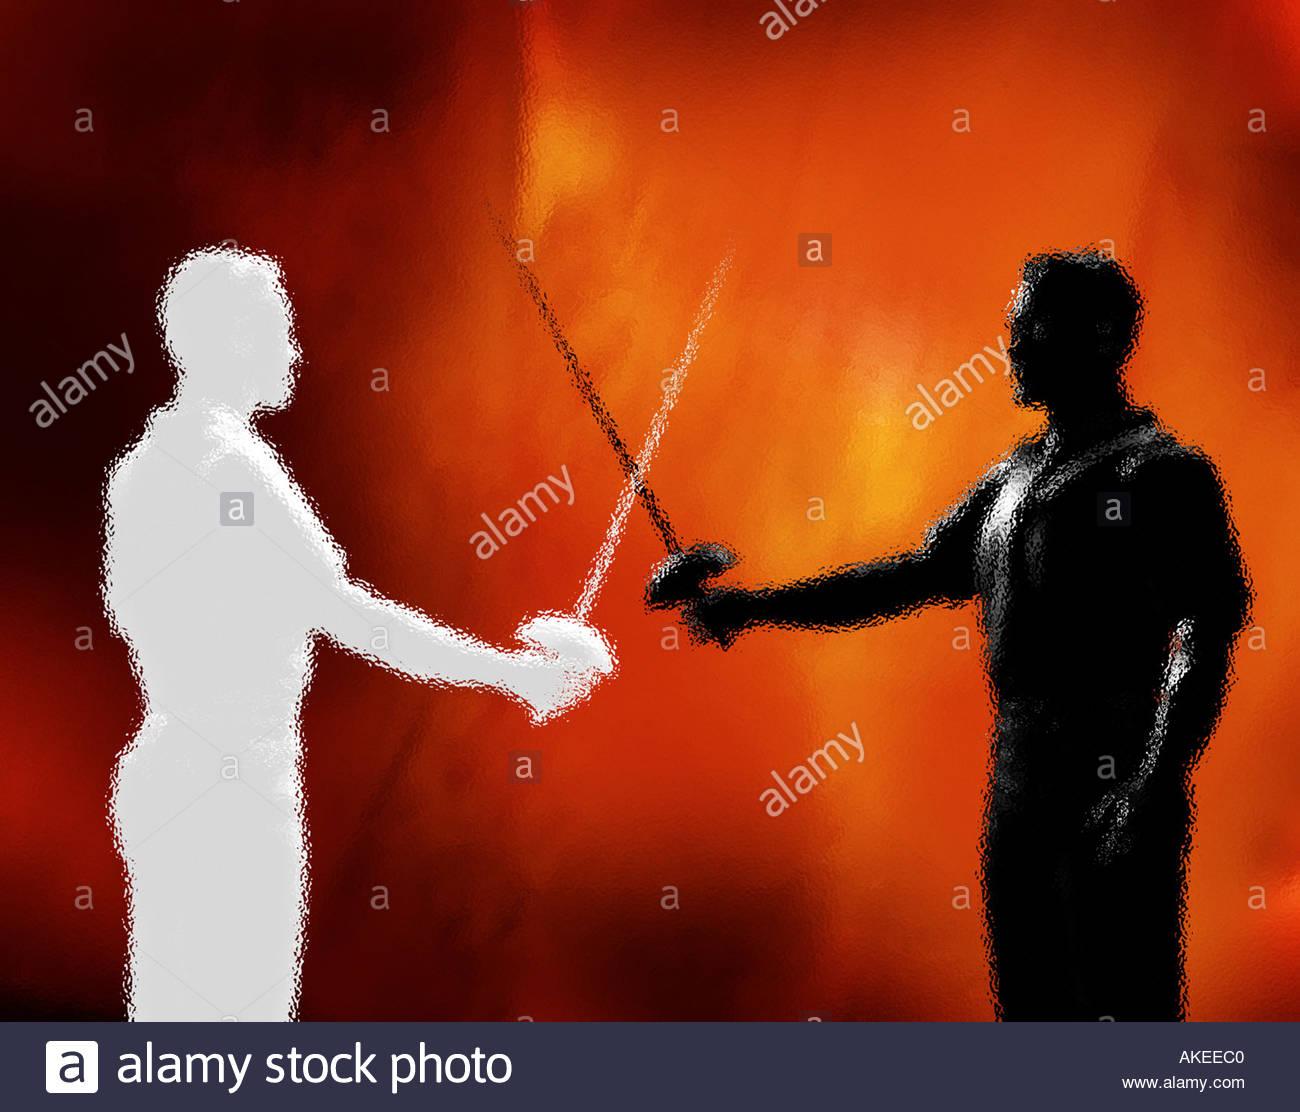 vs evil swords - photo #46